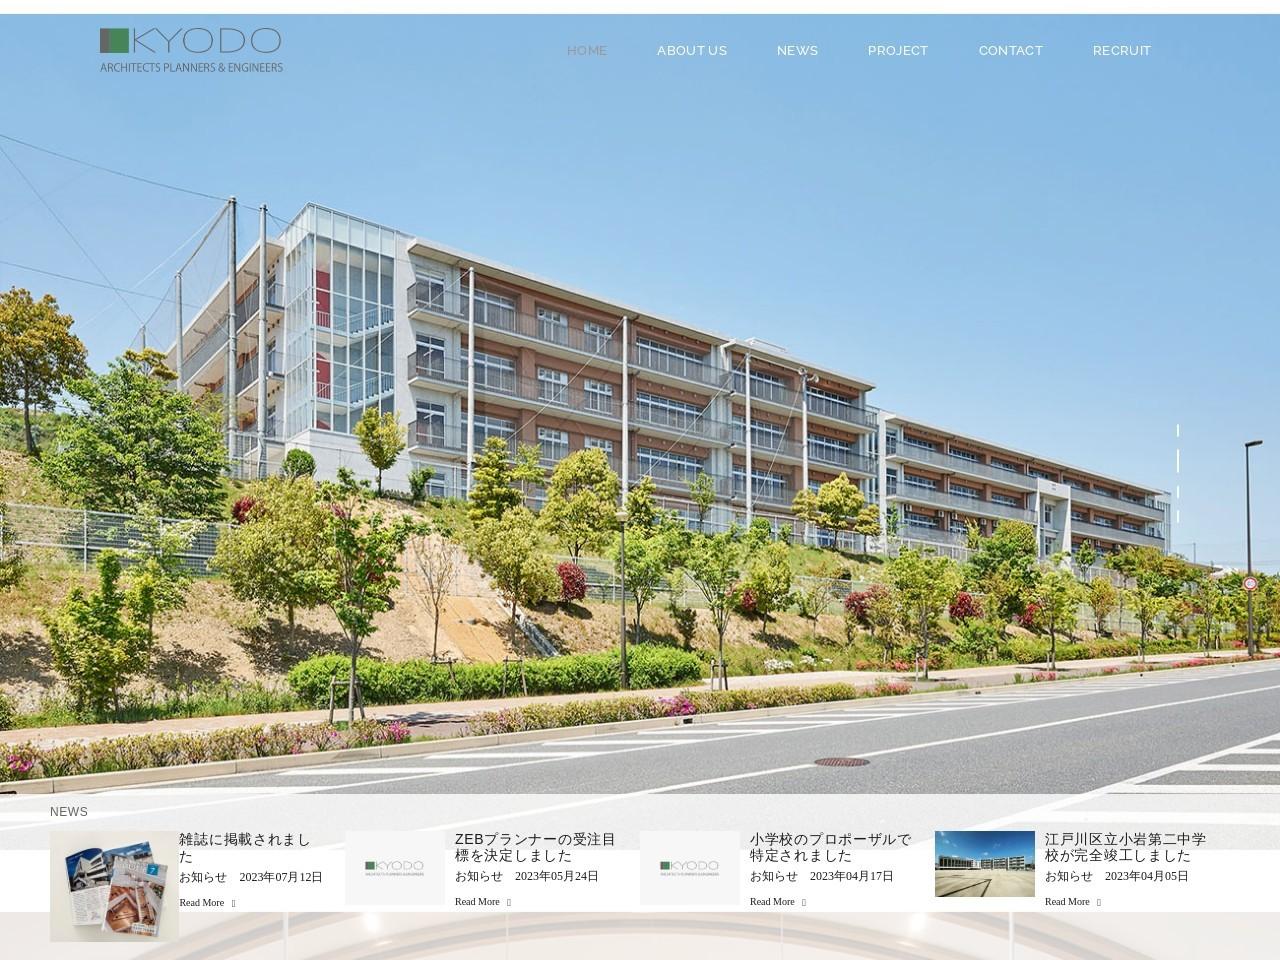 共同設計株式会社奈良事務所